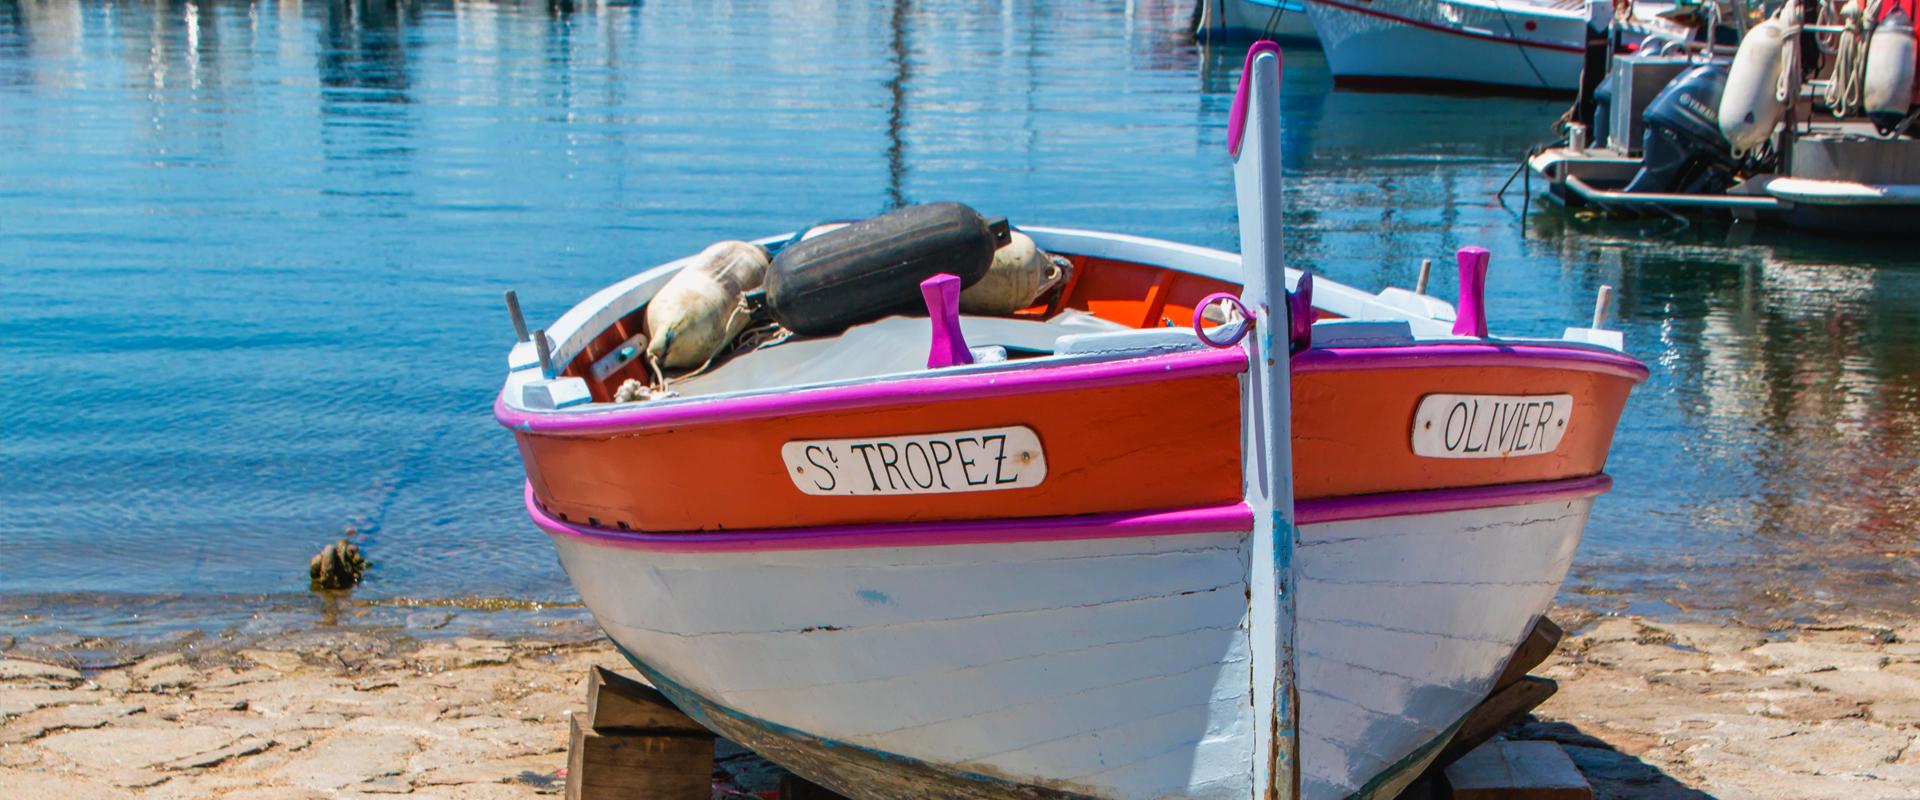 slider-boat-sttropez